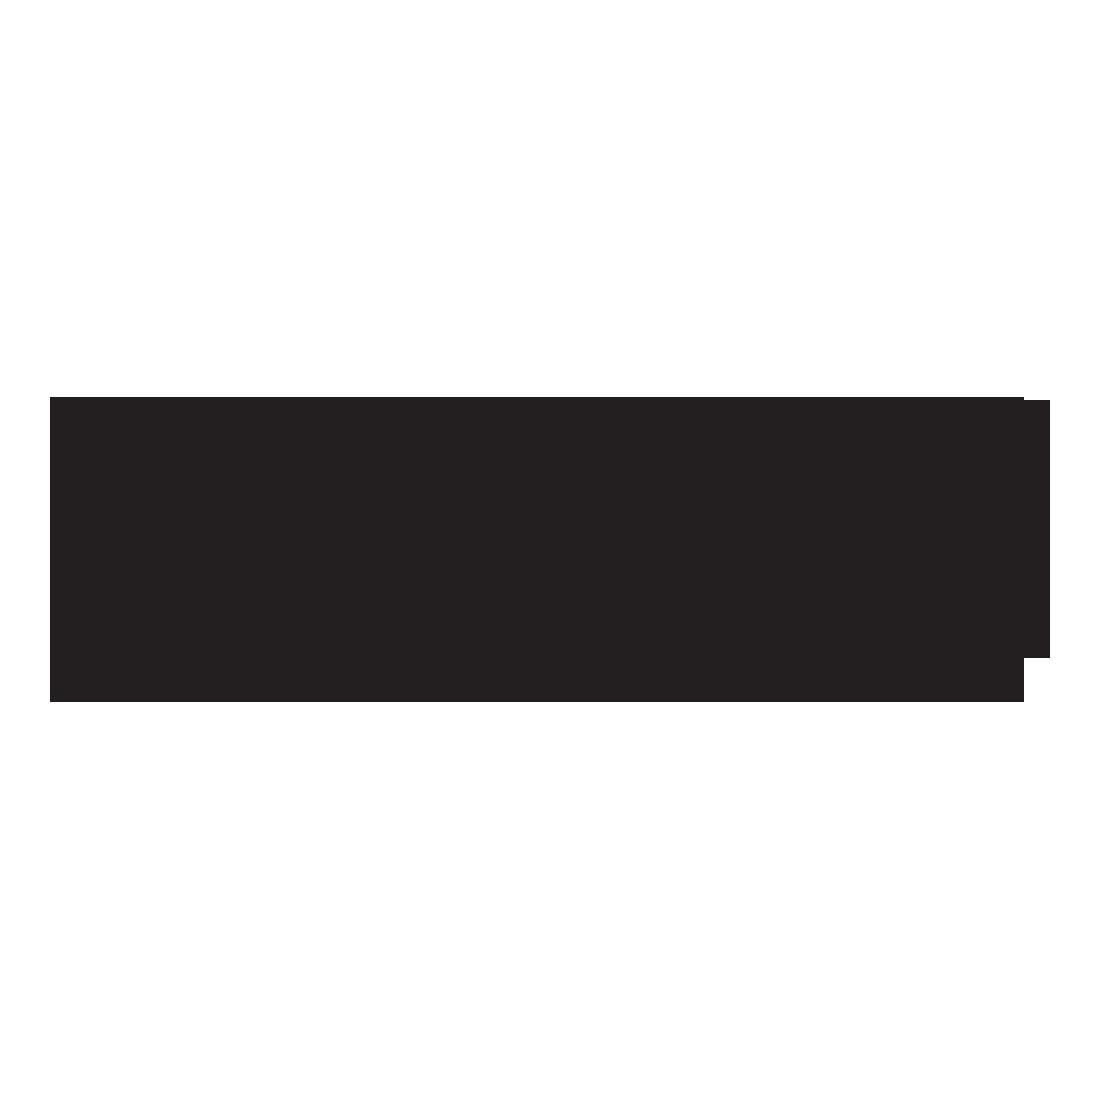 sr-ahec-bw-logo-sized